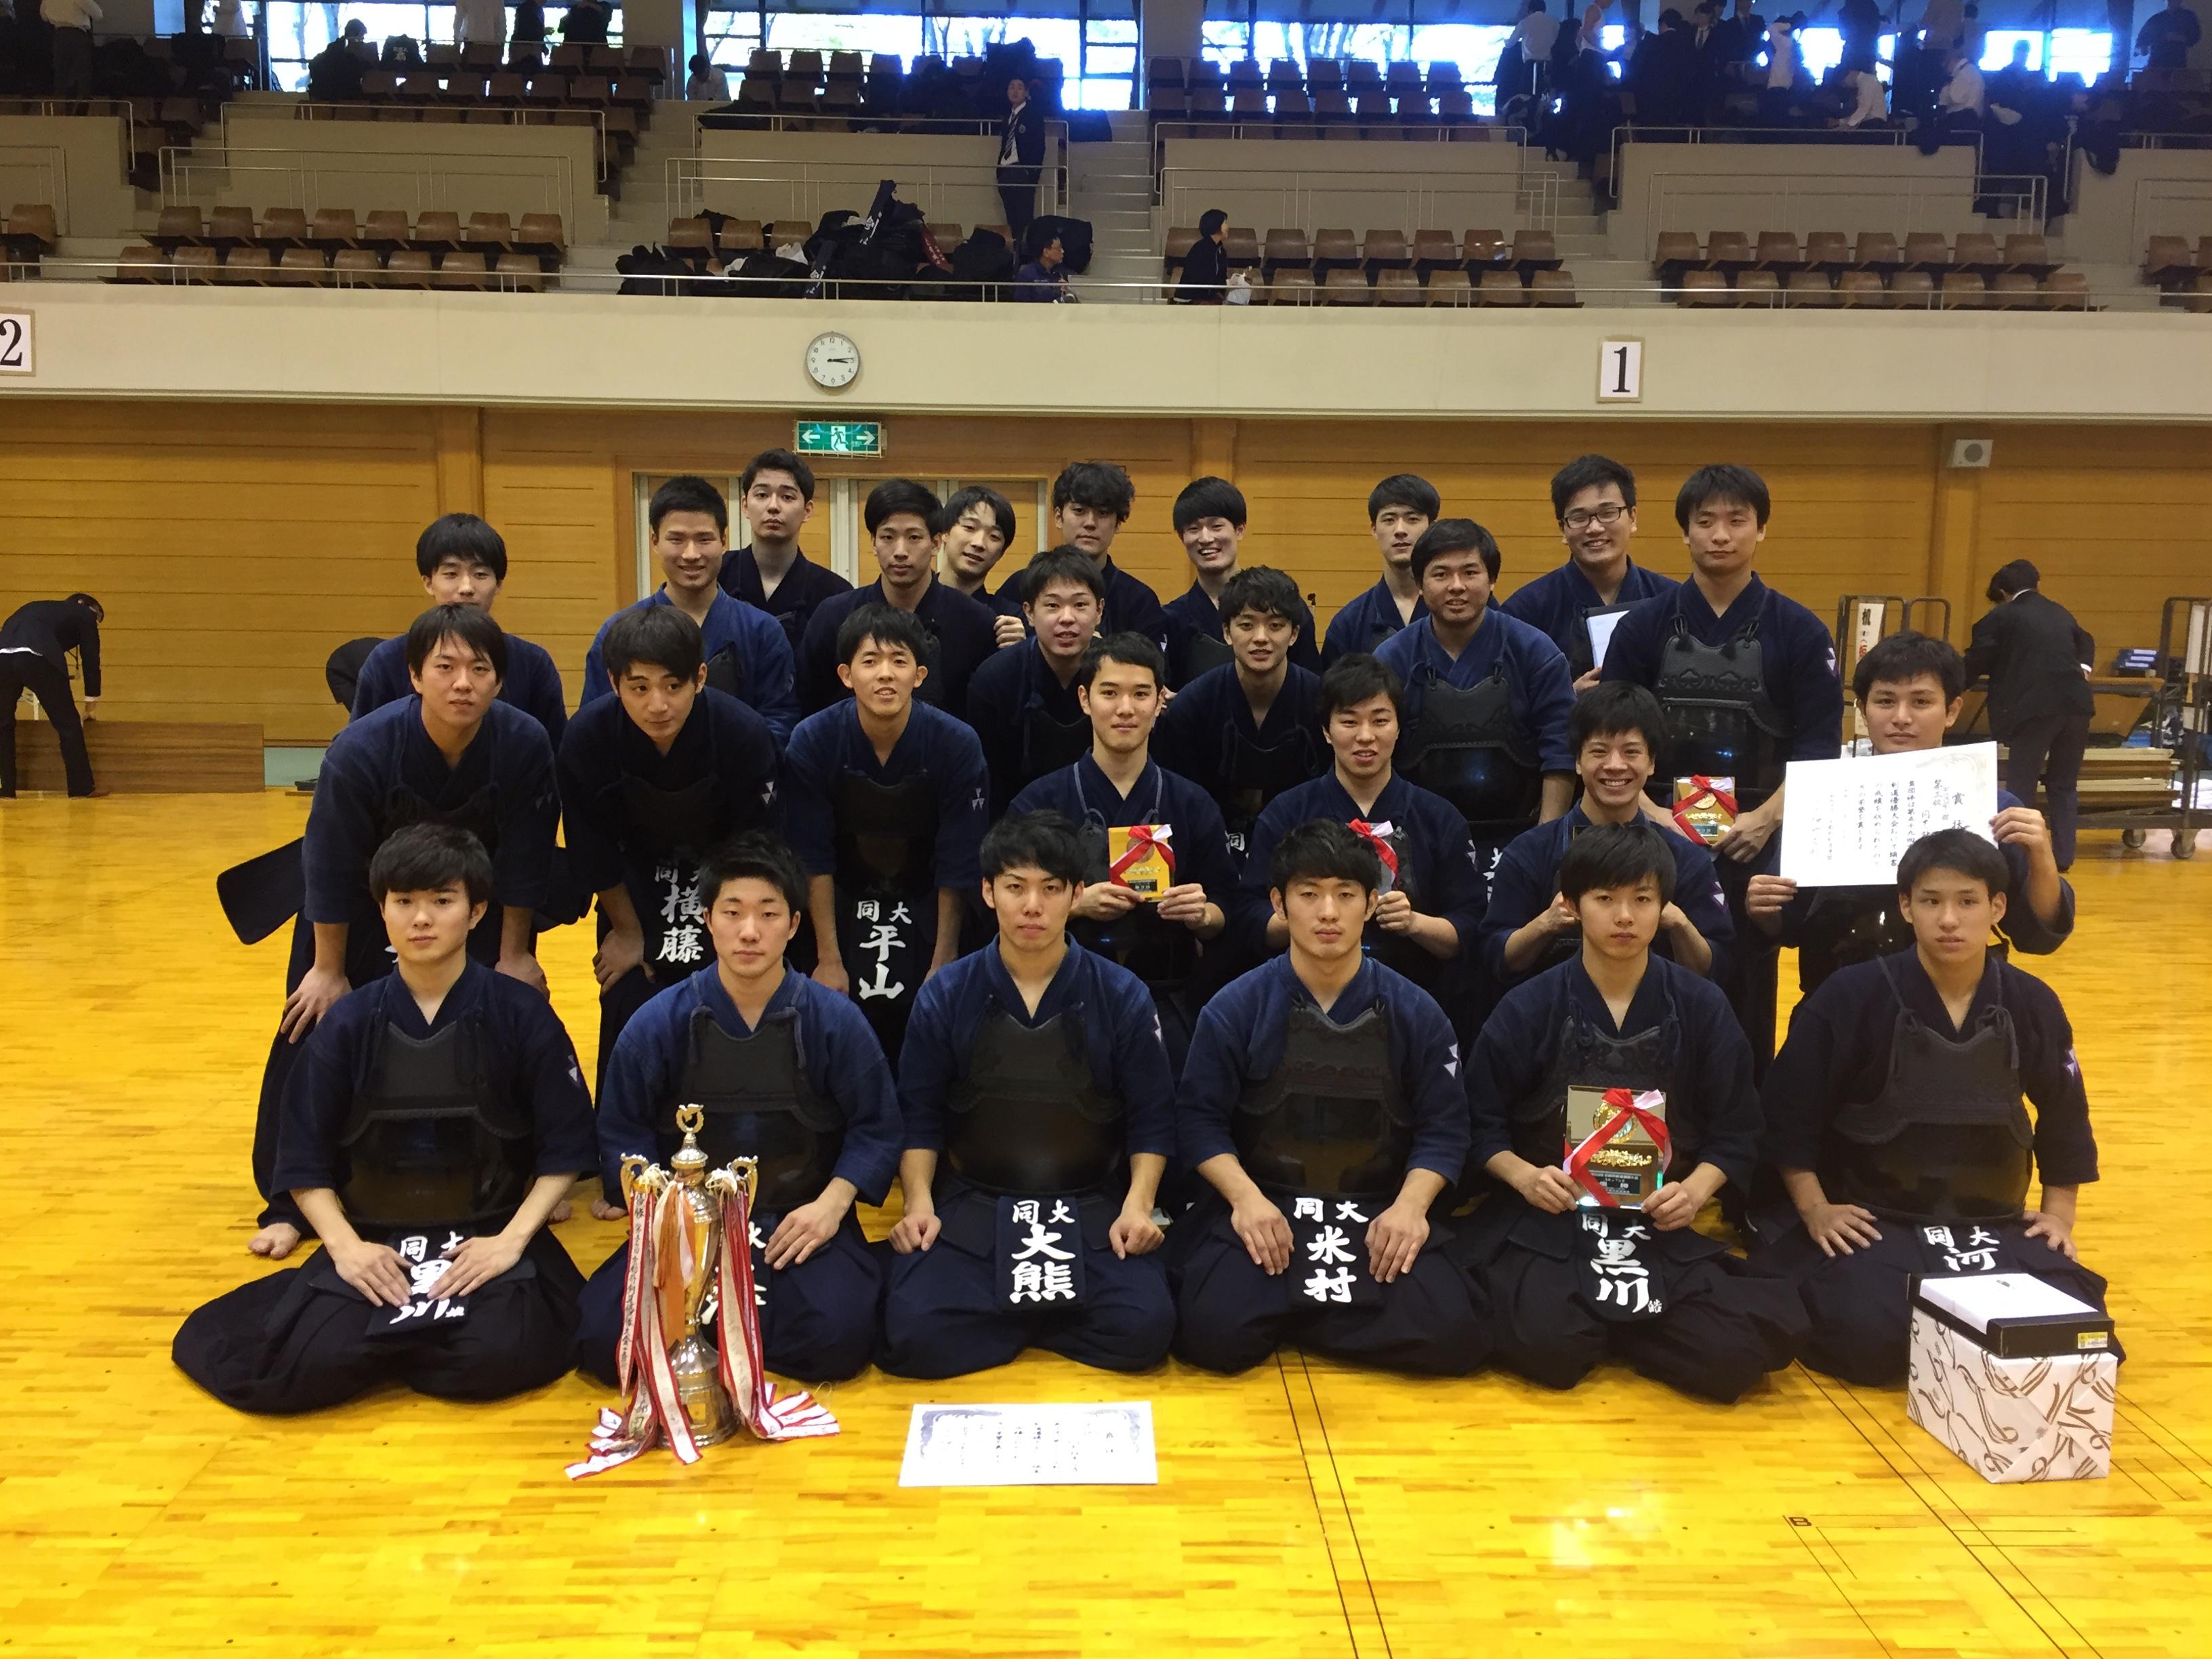 【結果報告】段別大会(2017.11.05)